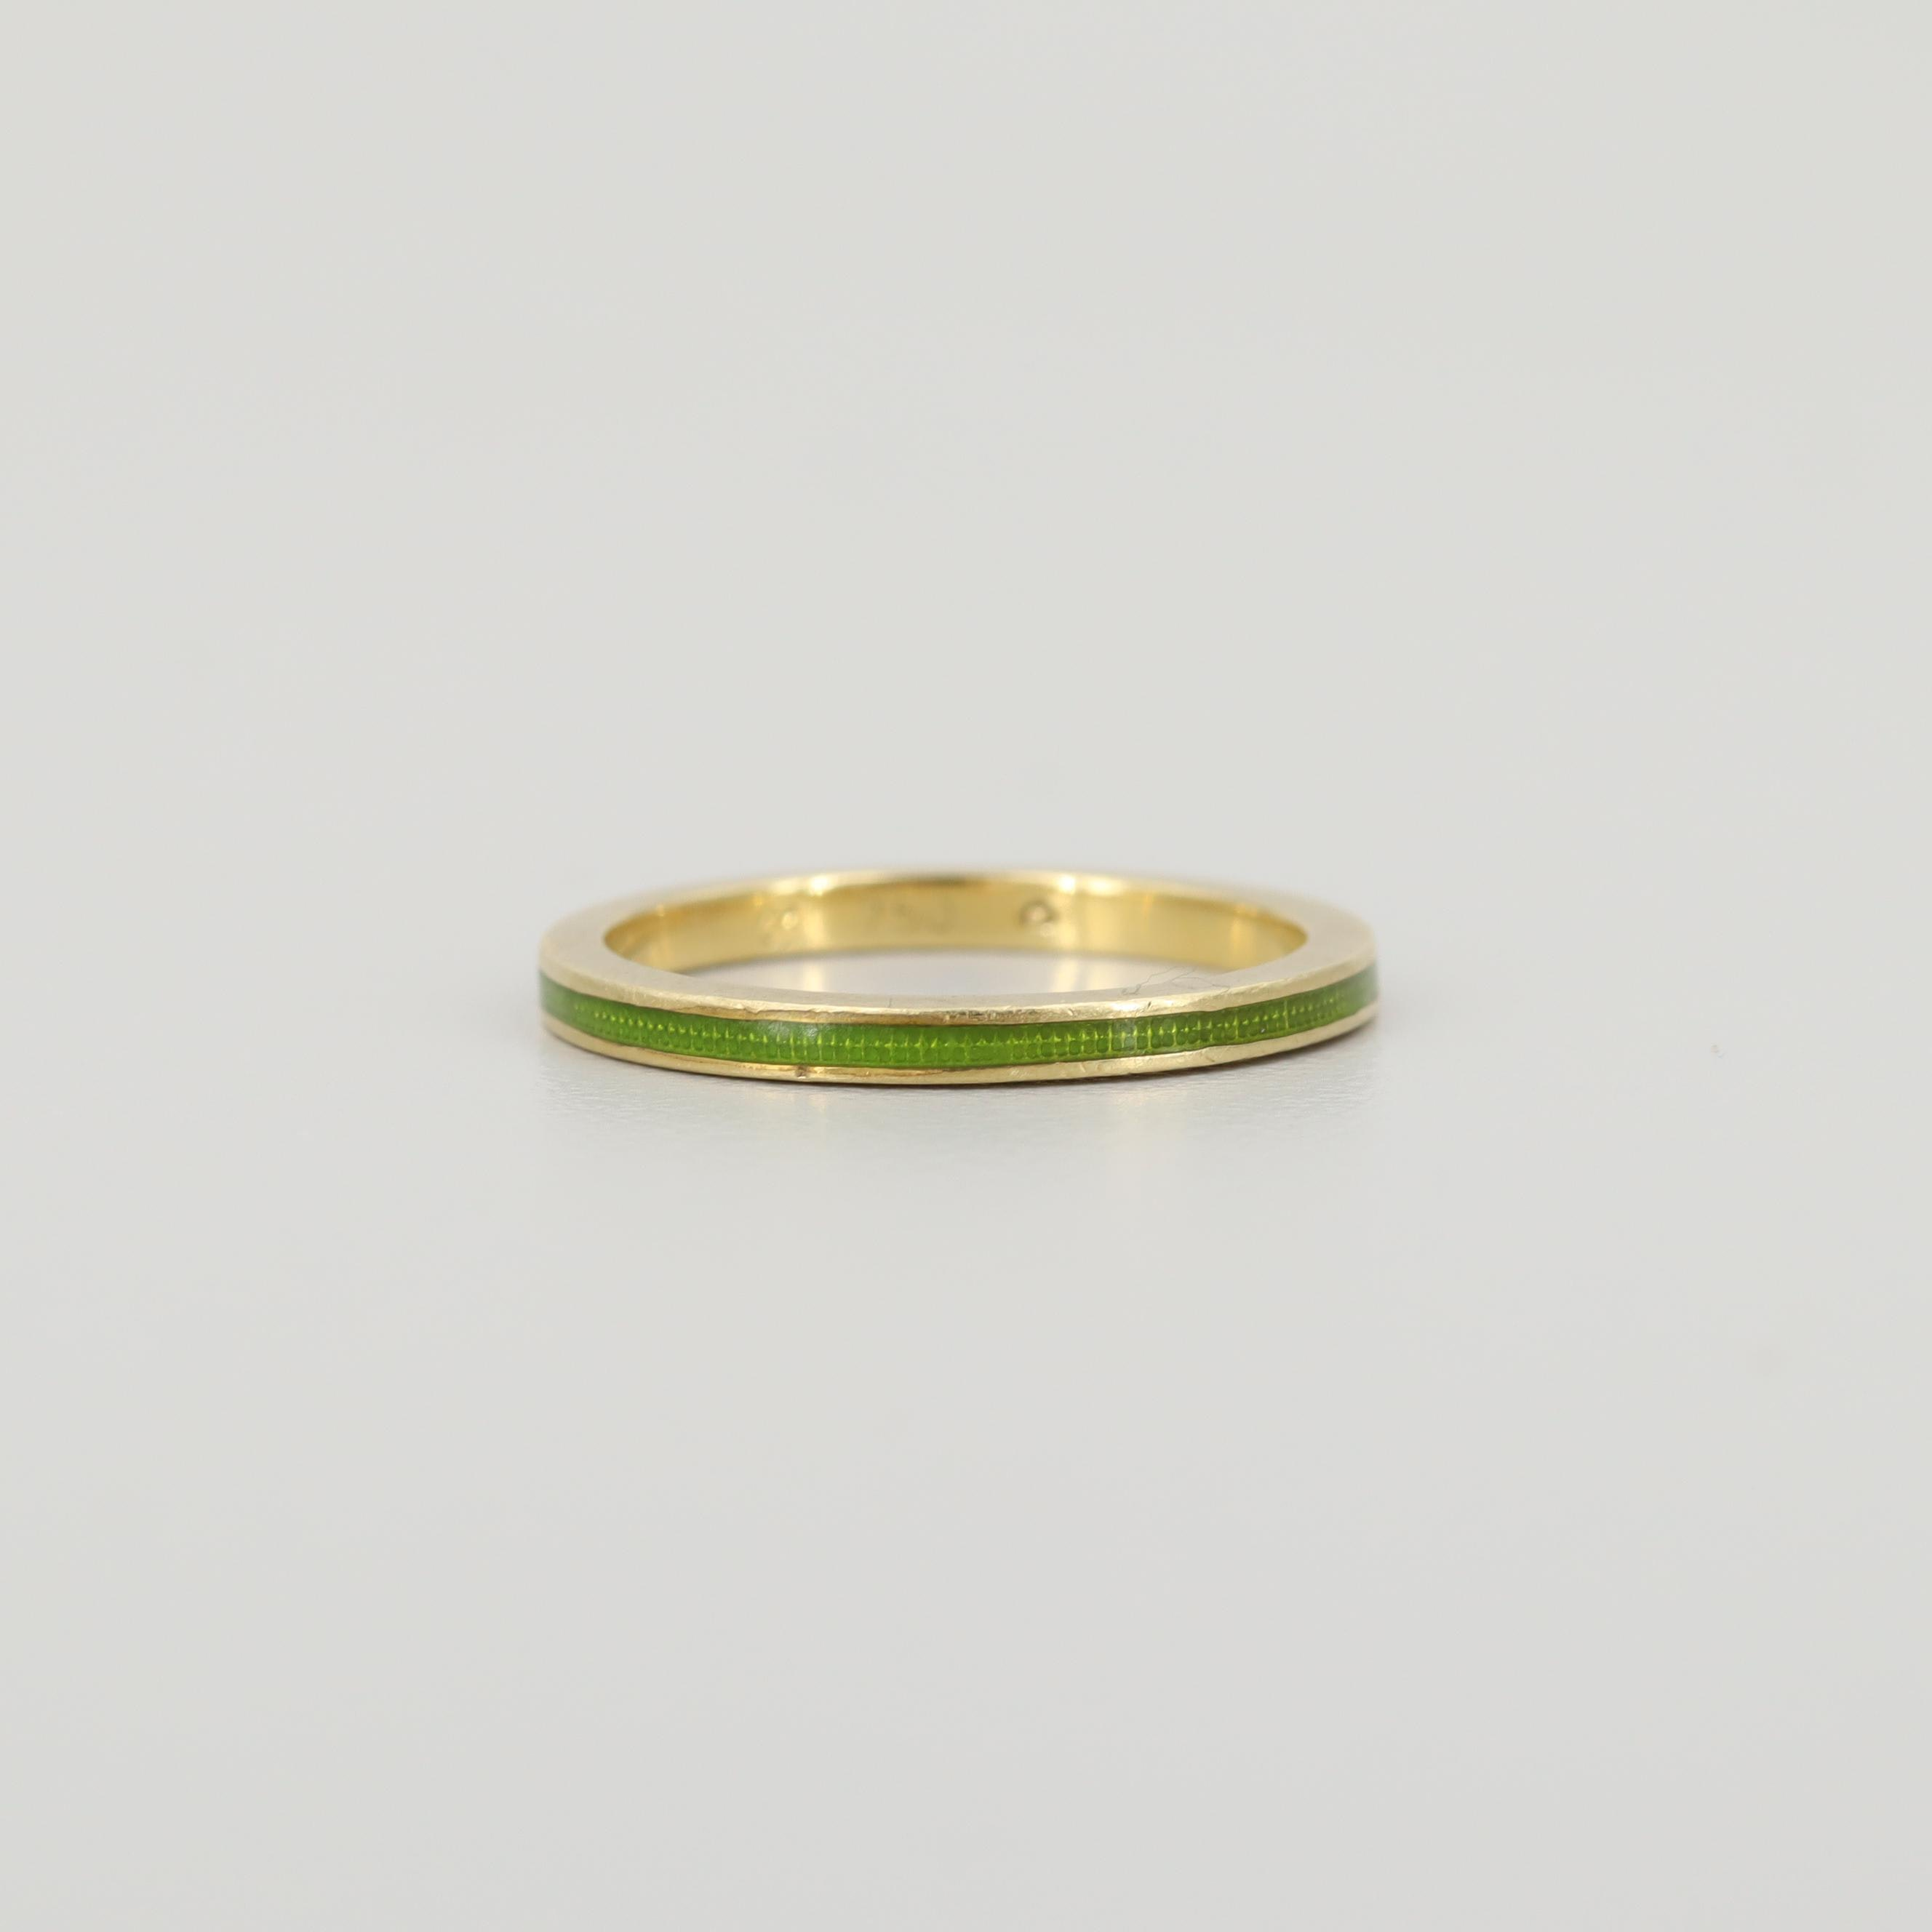 18K Yellow Gold Enameled Band